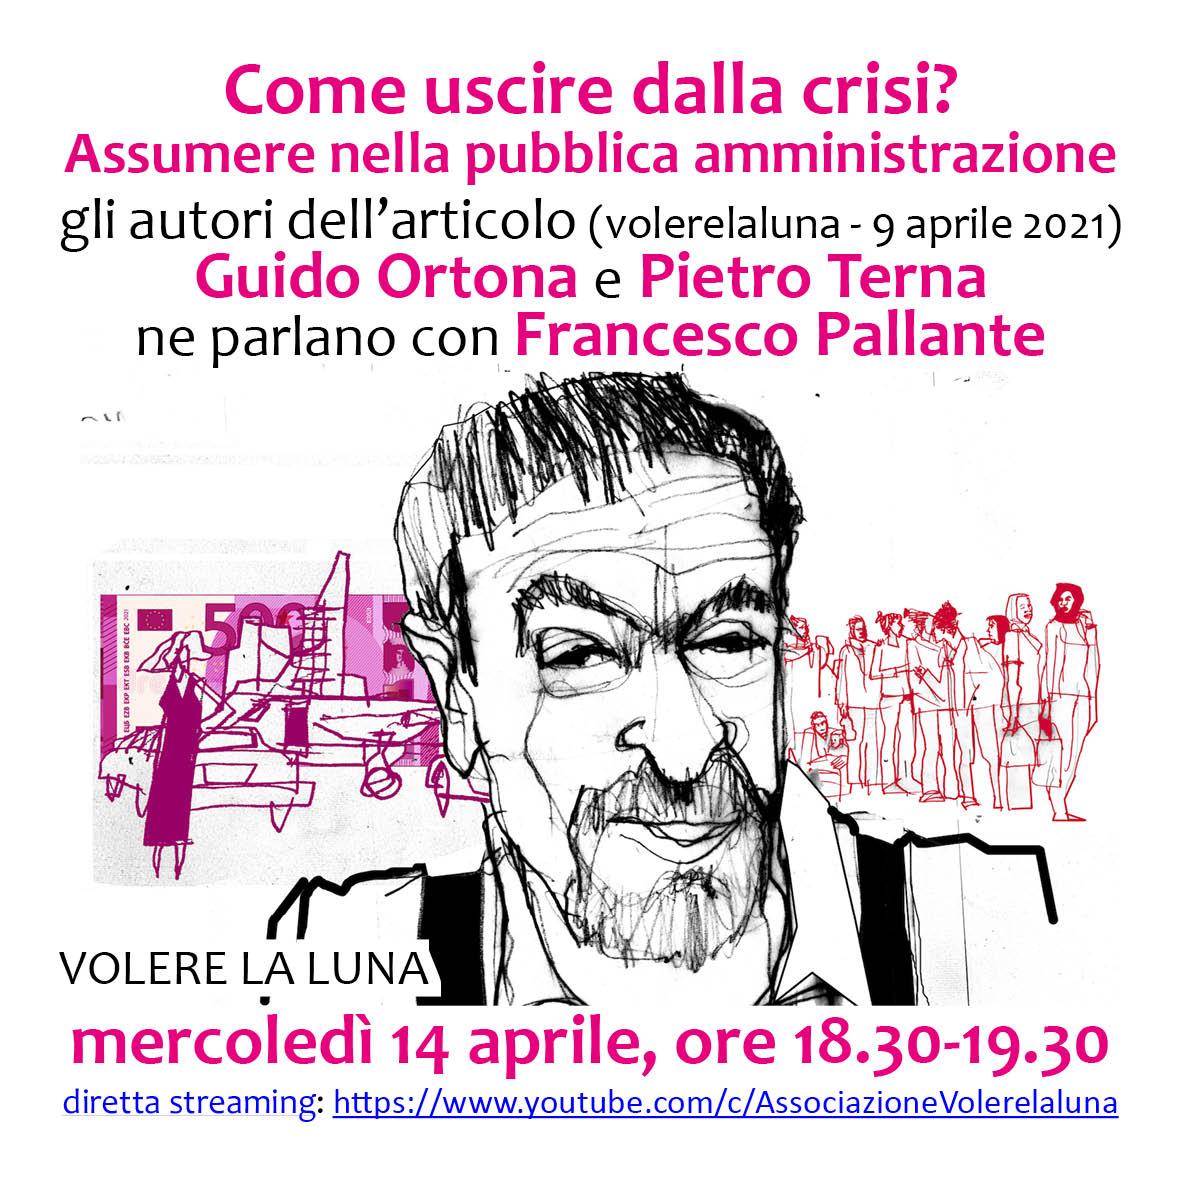 Come uscire dalla crisi? Assumere nella pubblica amministrazione @ www.youtube.com/c/AssociazioneVolerelaluna